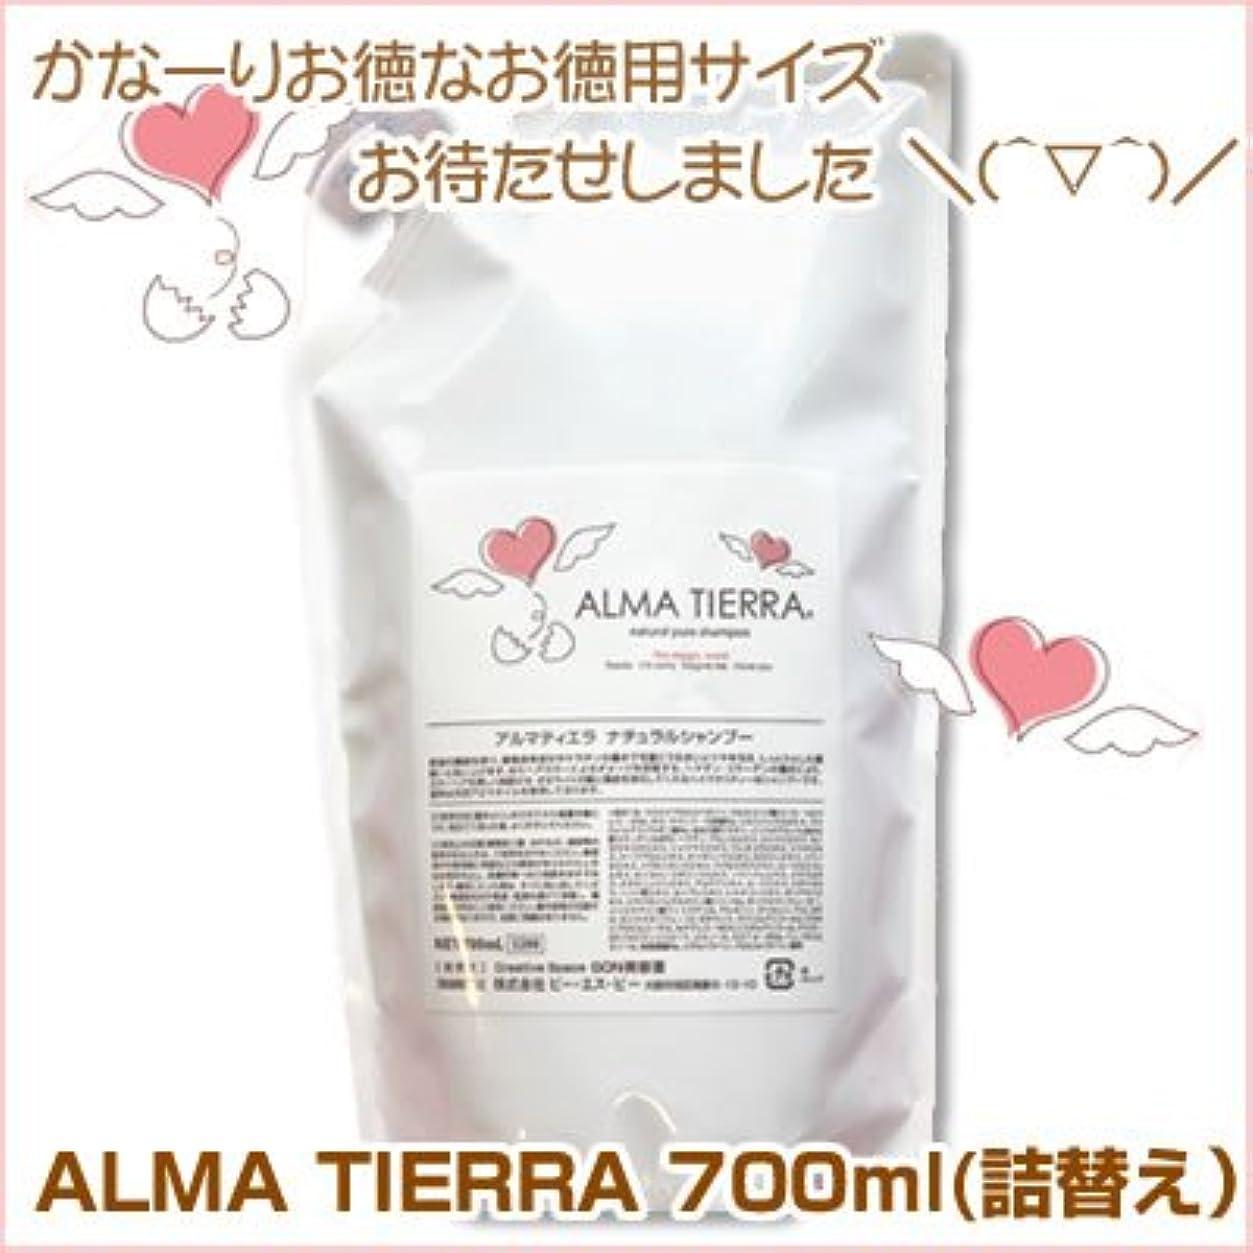 穏やかな管理する手アルマティエラ ナチュラルピュアシャンプー 700ml(詰替え) サロン専売品